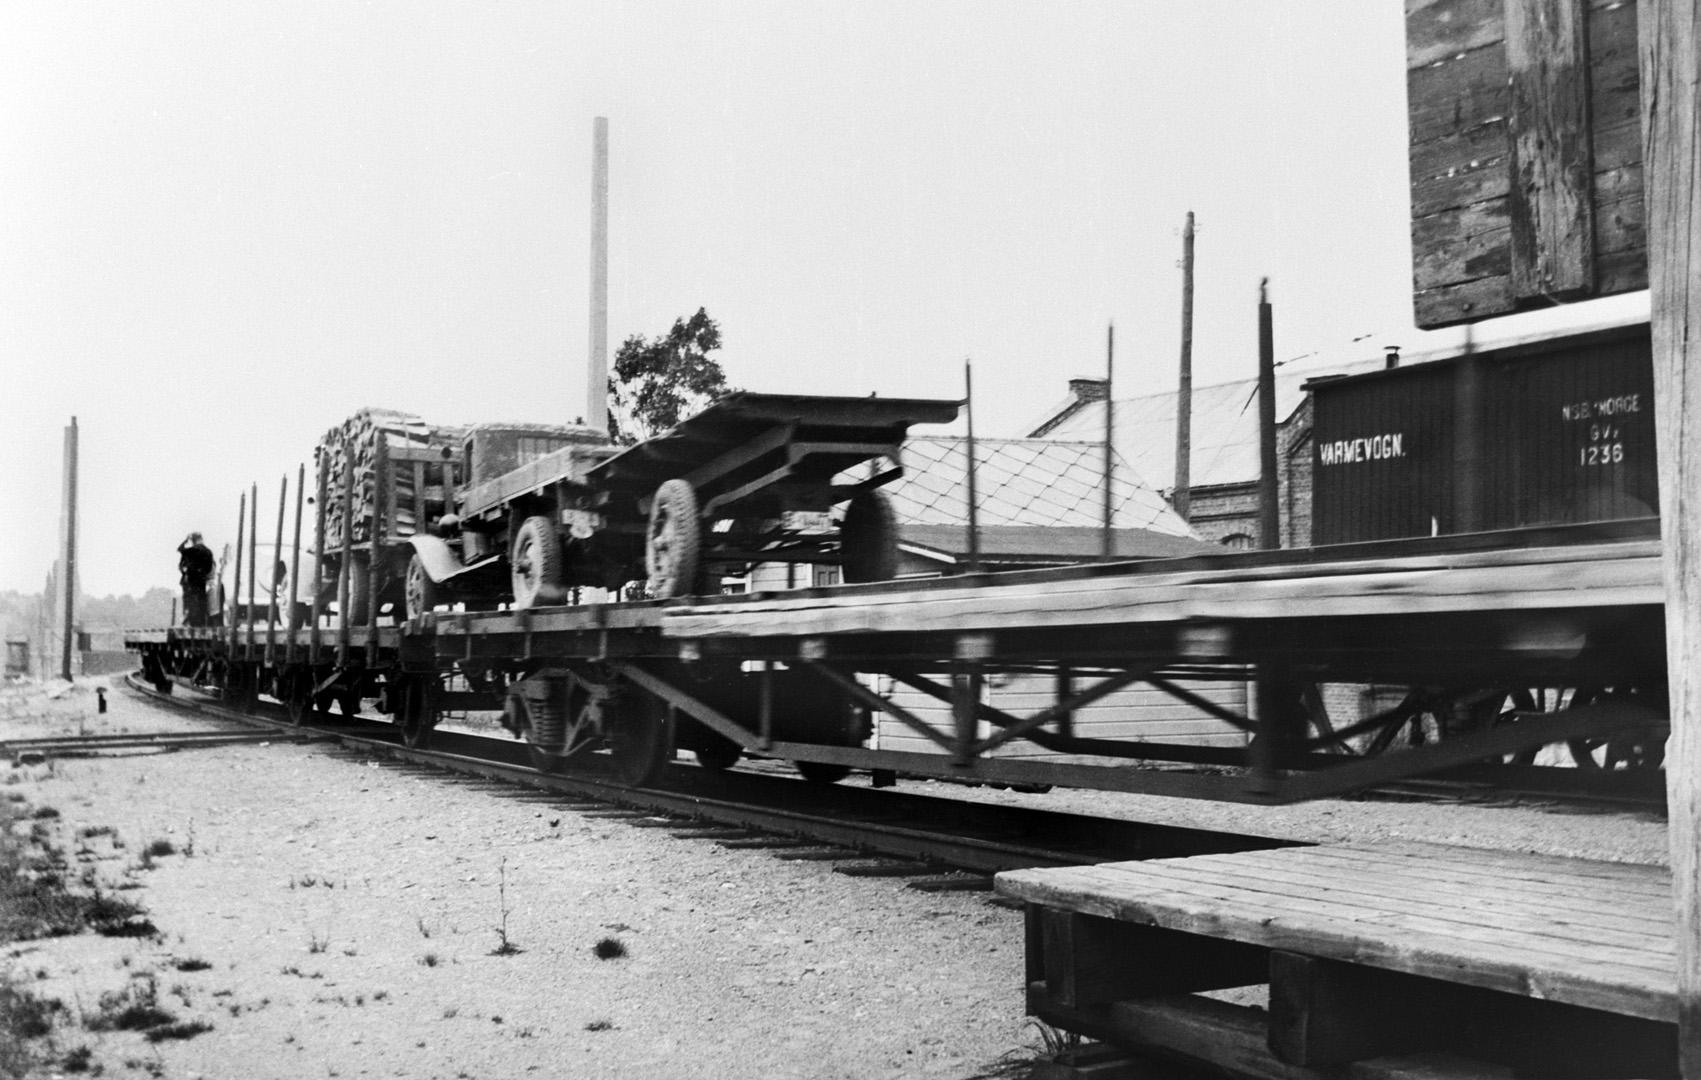 ØFB.1981-00212 Sarpsbrua sprengt i 1940, ved ulykke etter underminering. Biler kjøres over bru-stedet på jernbanevogner. Foto: Norsk Billedreportasje (Evang) / Østfold fylkes billedarkiv.